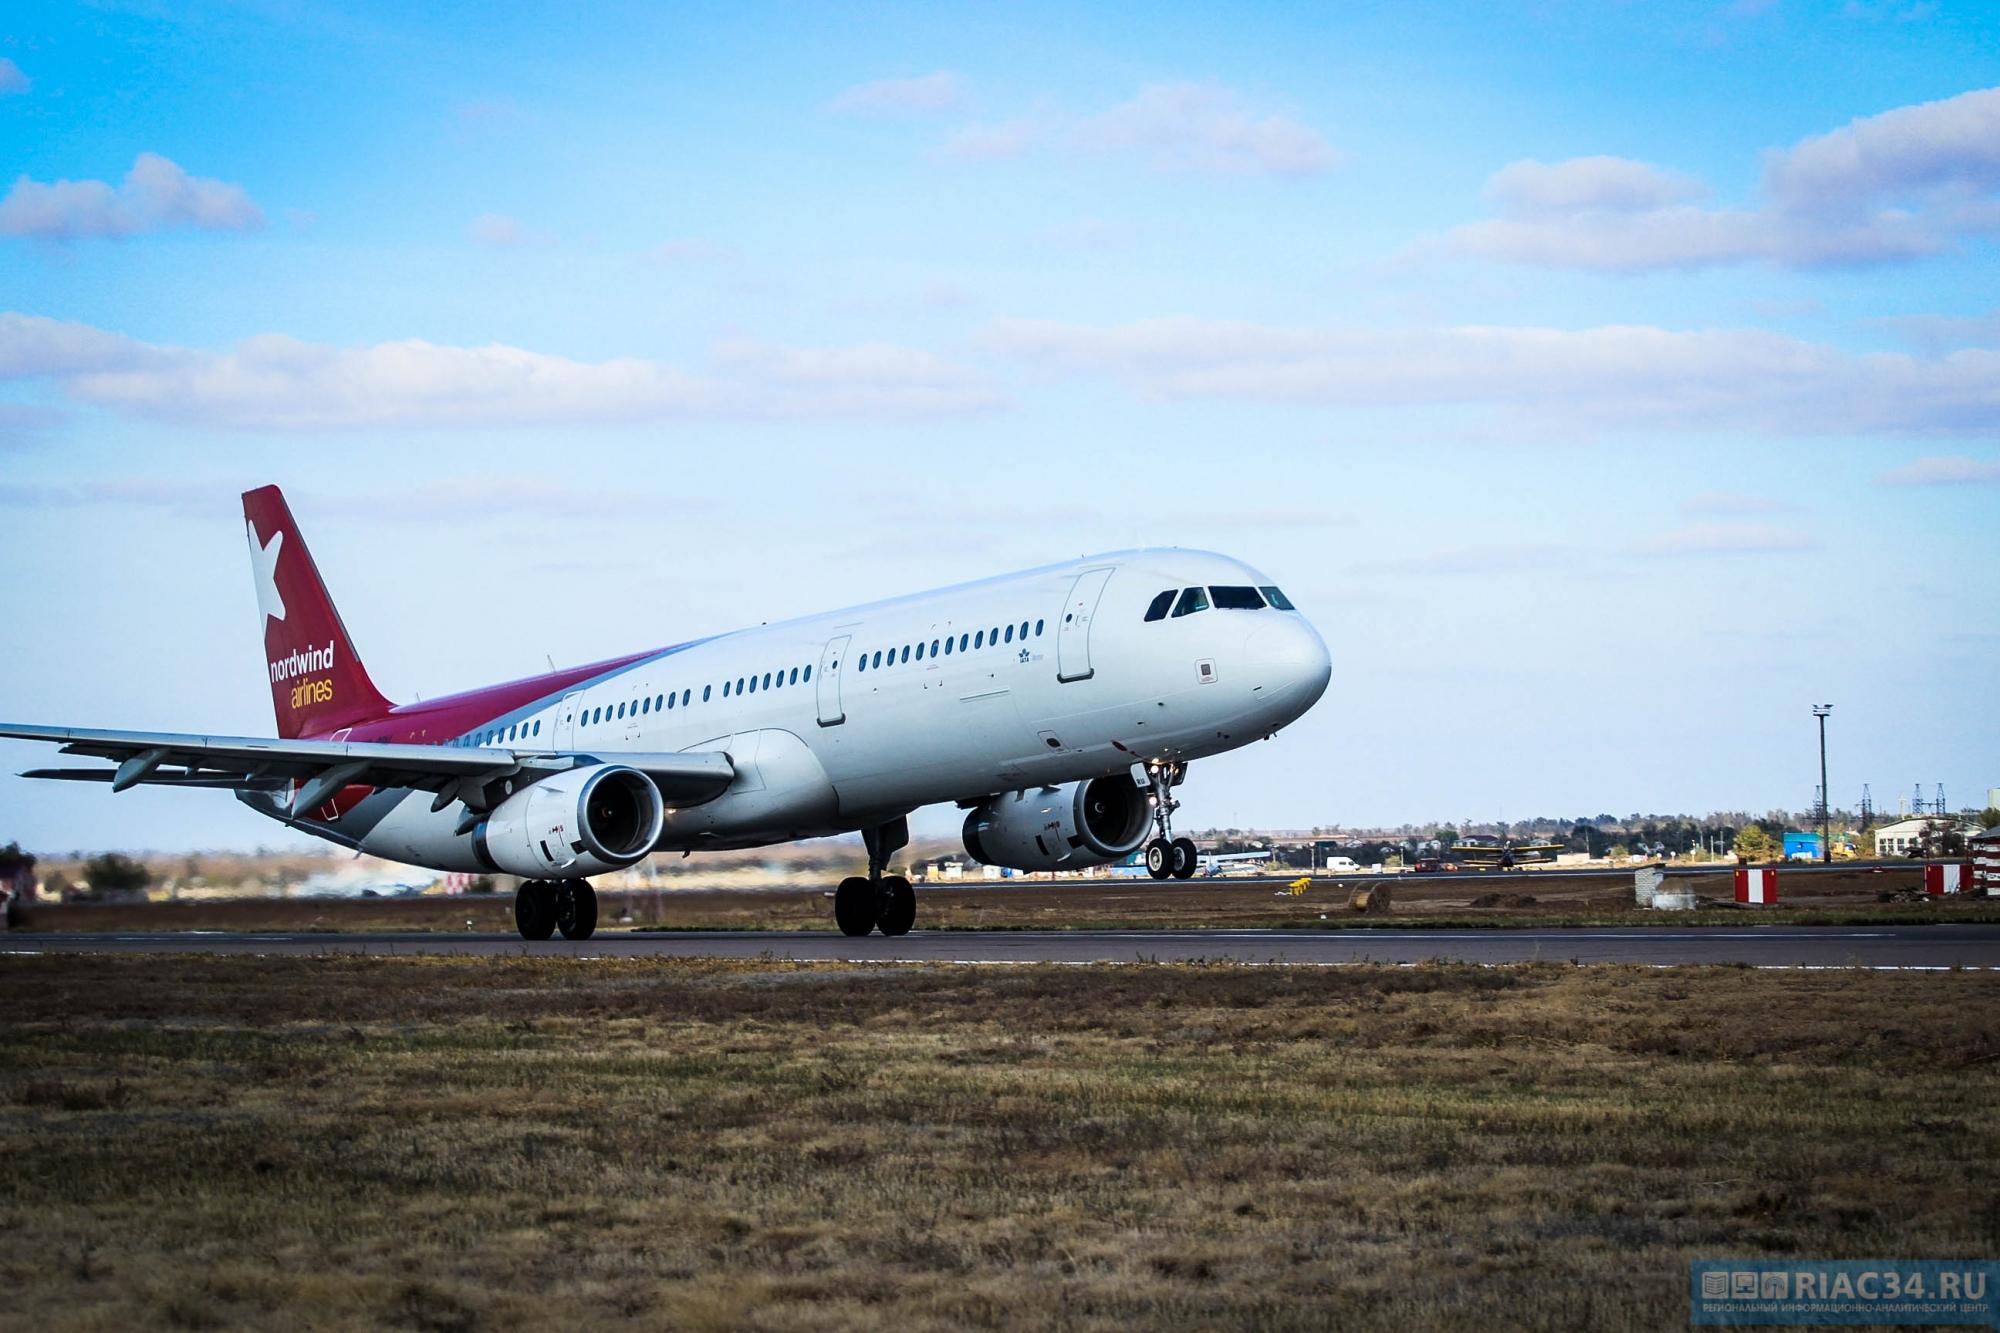 Росавиация объявила наименования авиакомпаний, которые запустят рейсы изОмска вТурцию